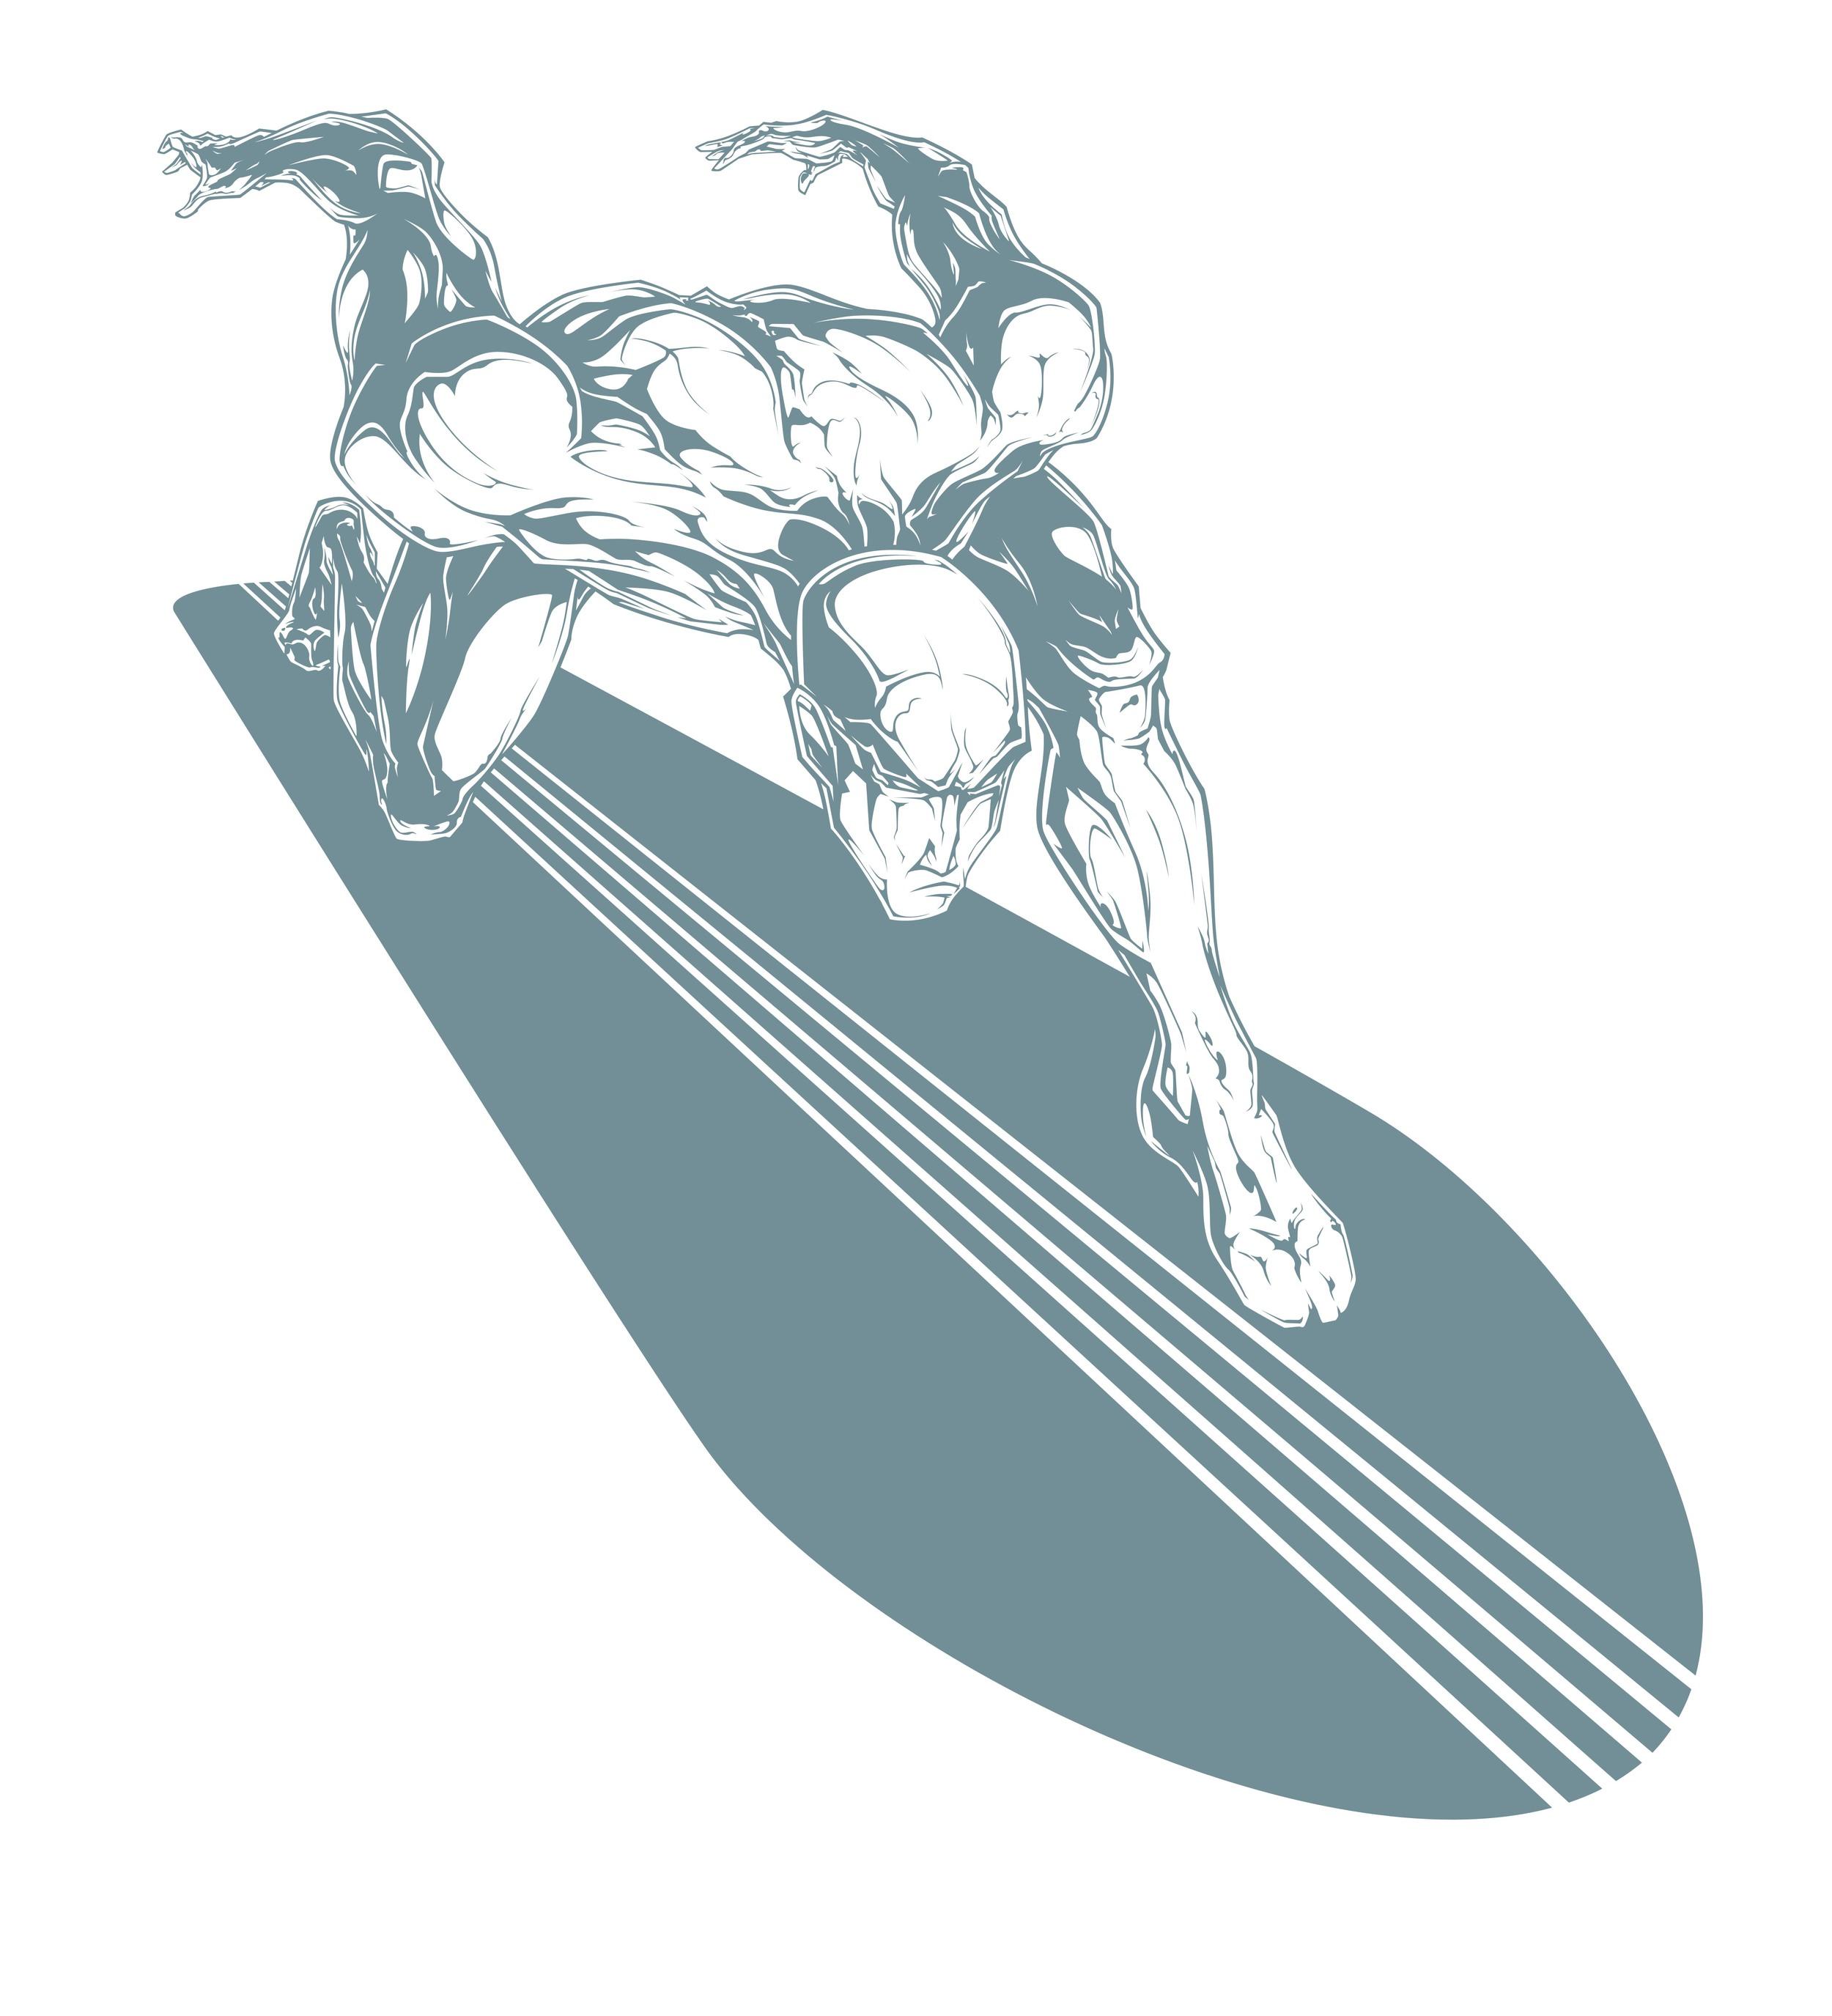 ...silver surfer digital ink...